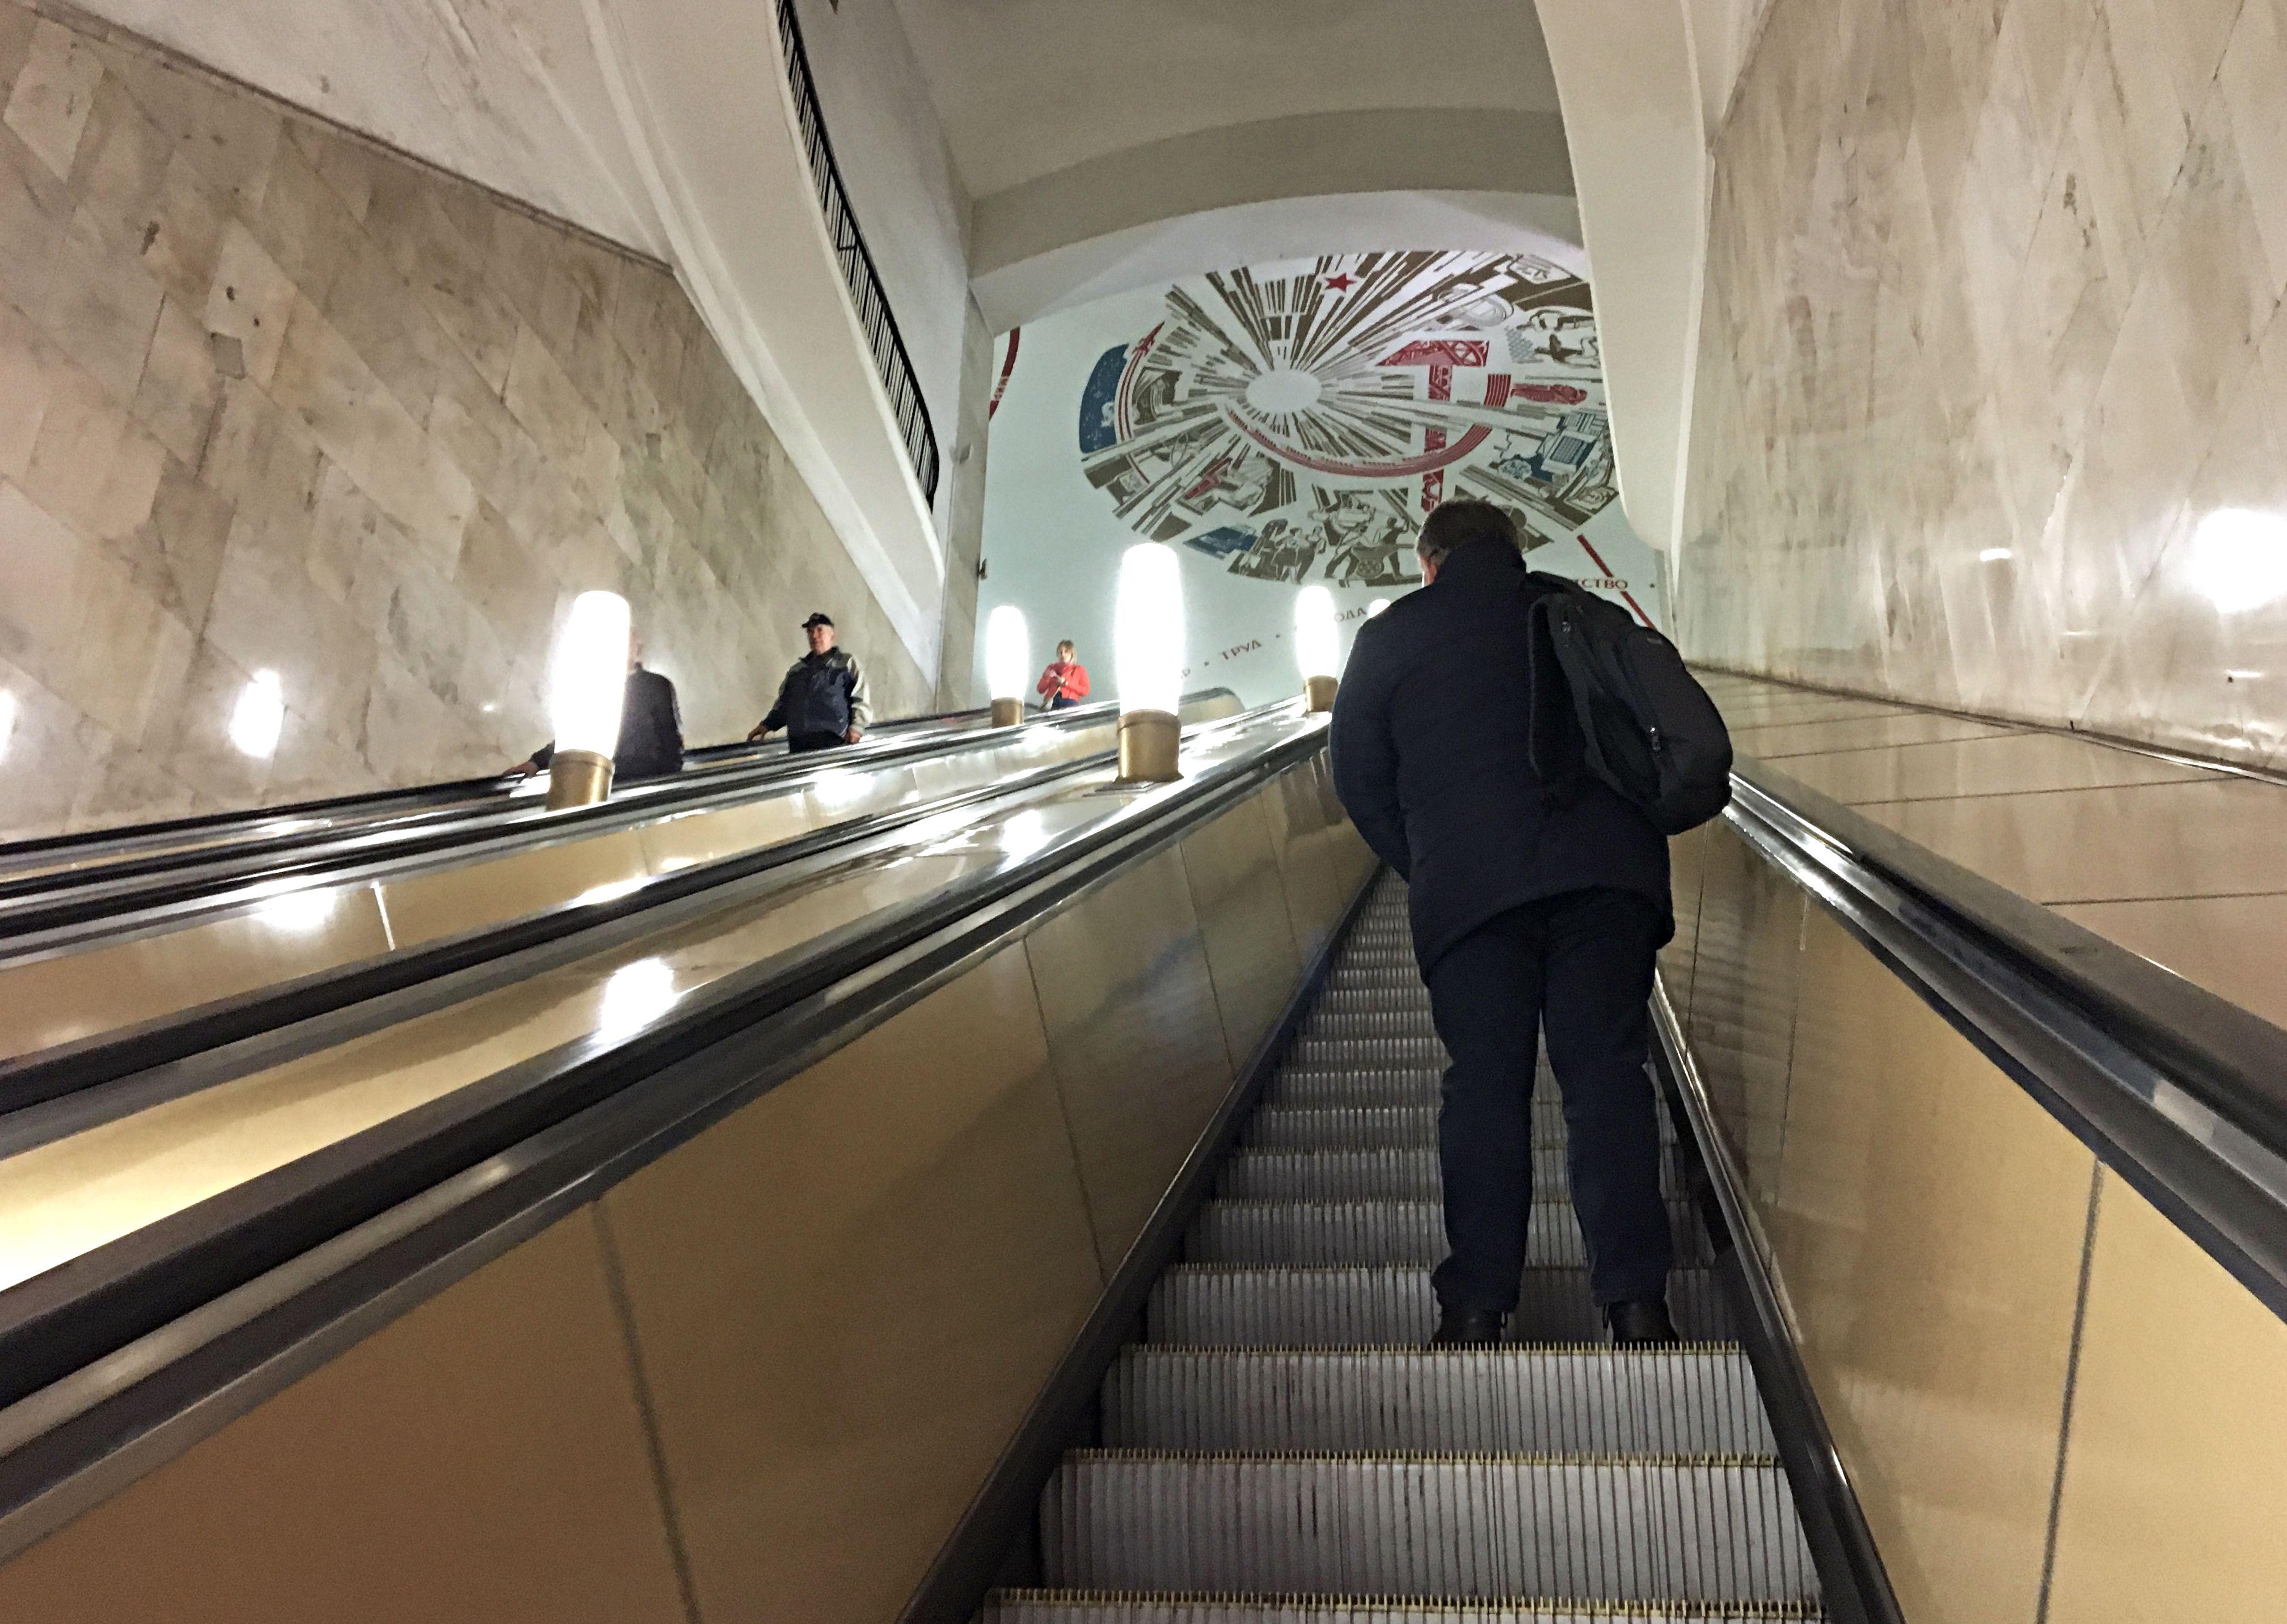 Историю «Автозаводской» расскажут на видеоэкскурсии по столичной подземке